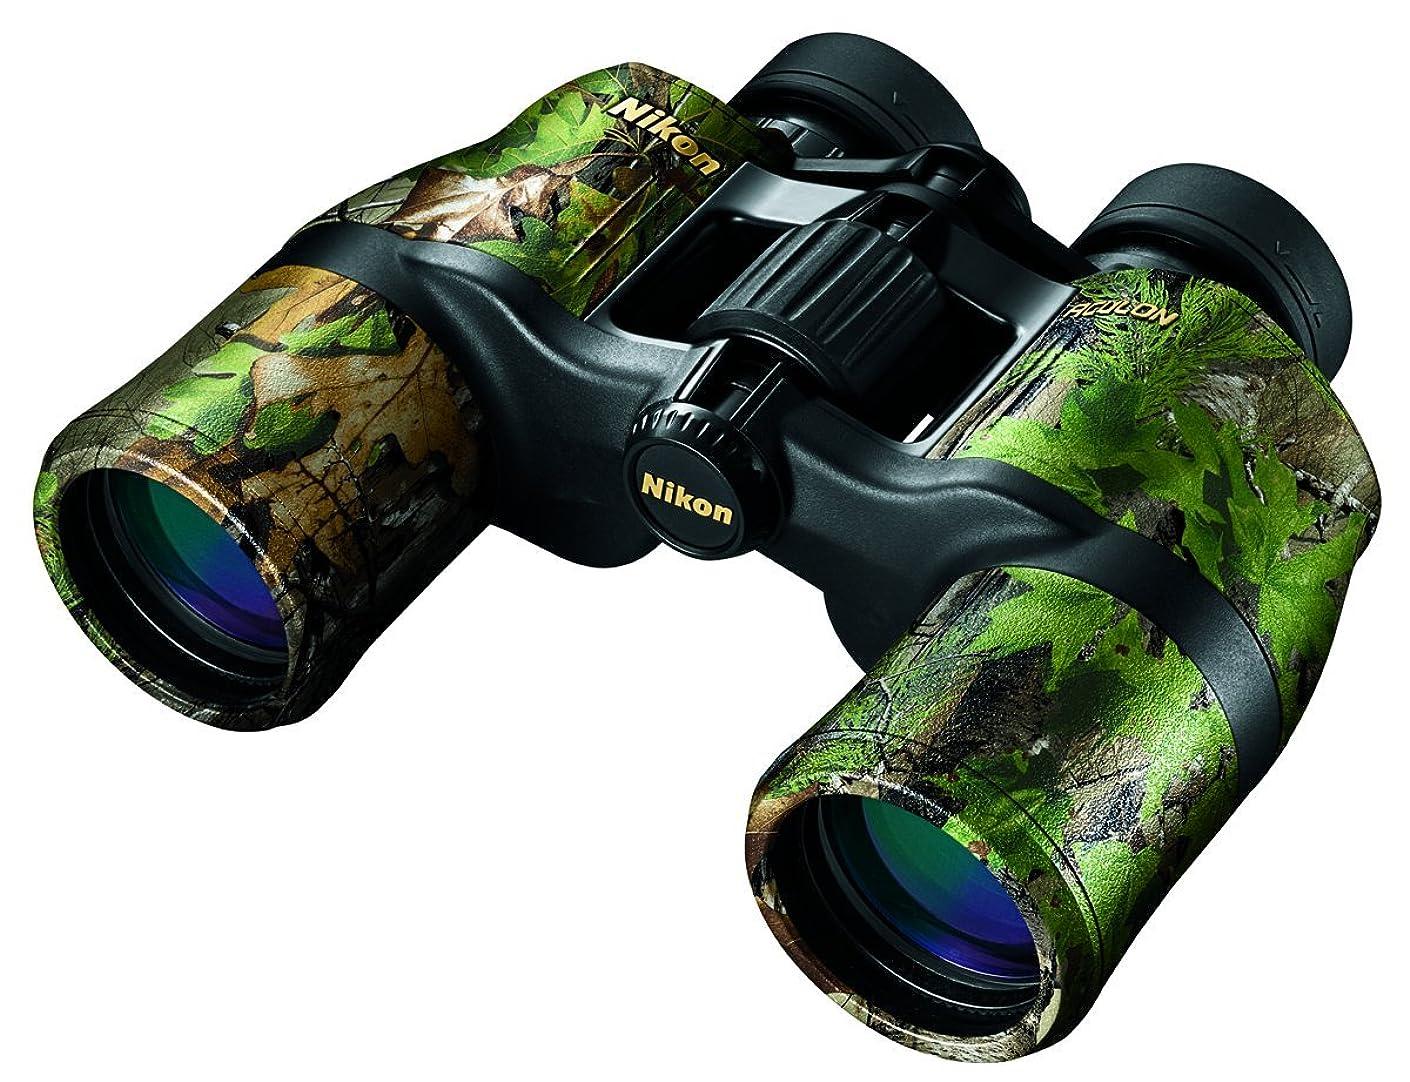 Nikon 8256 ACULON A211 8x42 Binocular (Realtree Extra Green Camo)